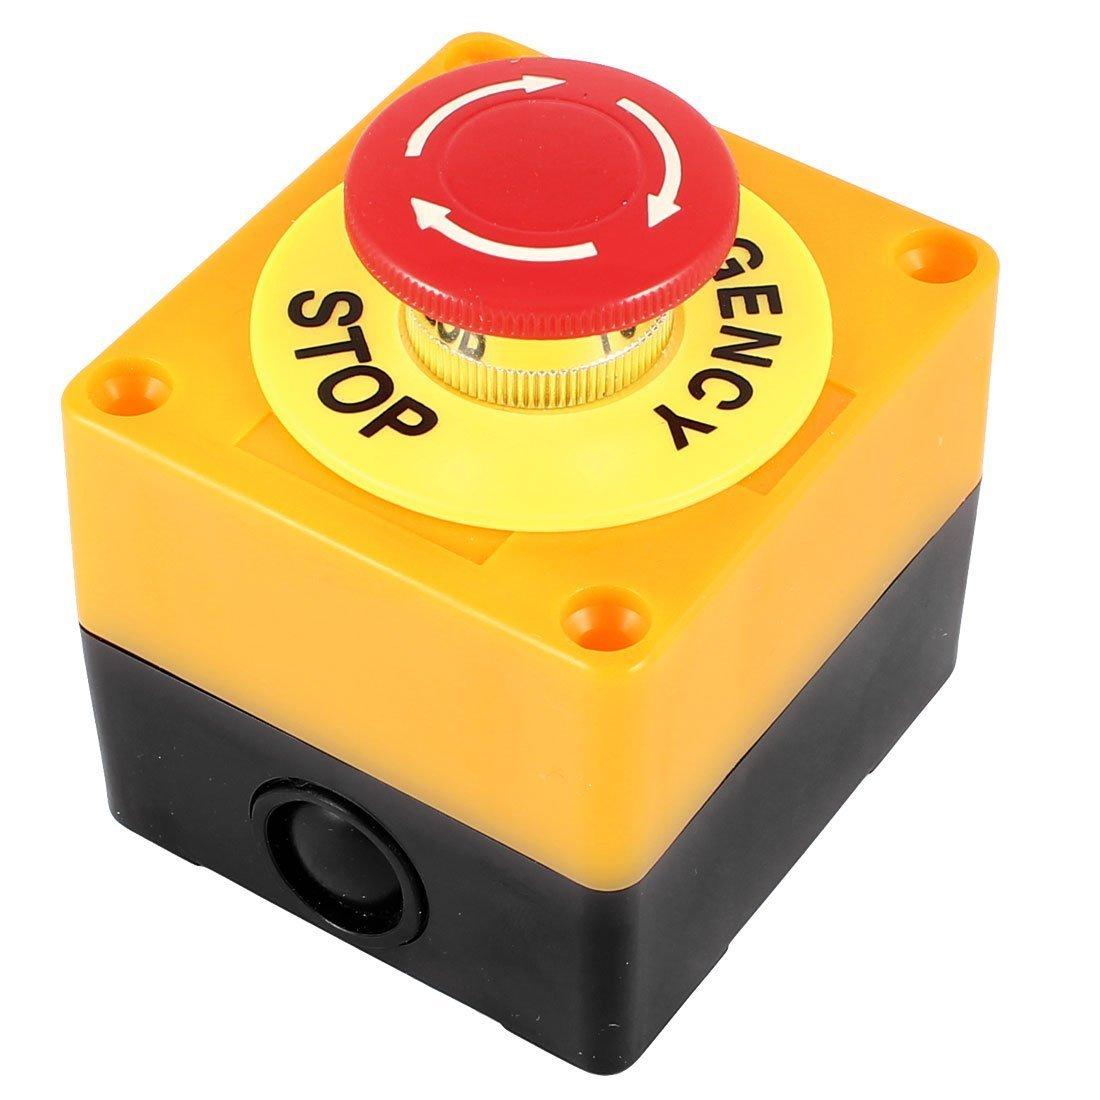 REFURBISHHOUSE Interrupteur Bouton Poussoir Arret Urgence AC 660V 10A Plastique Coque Dure Rouge